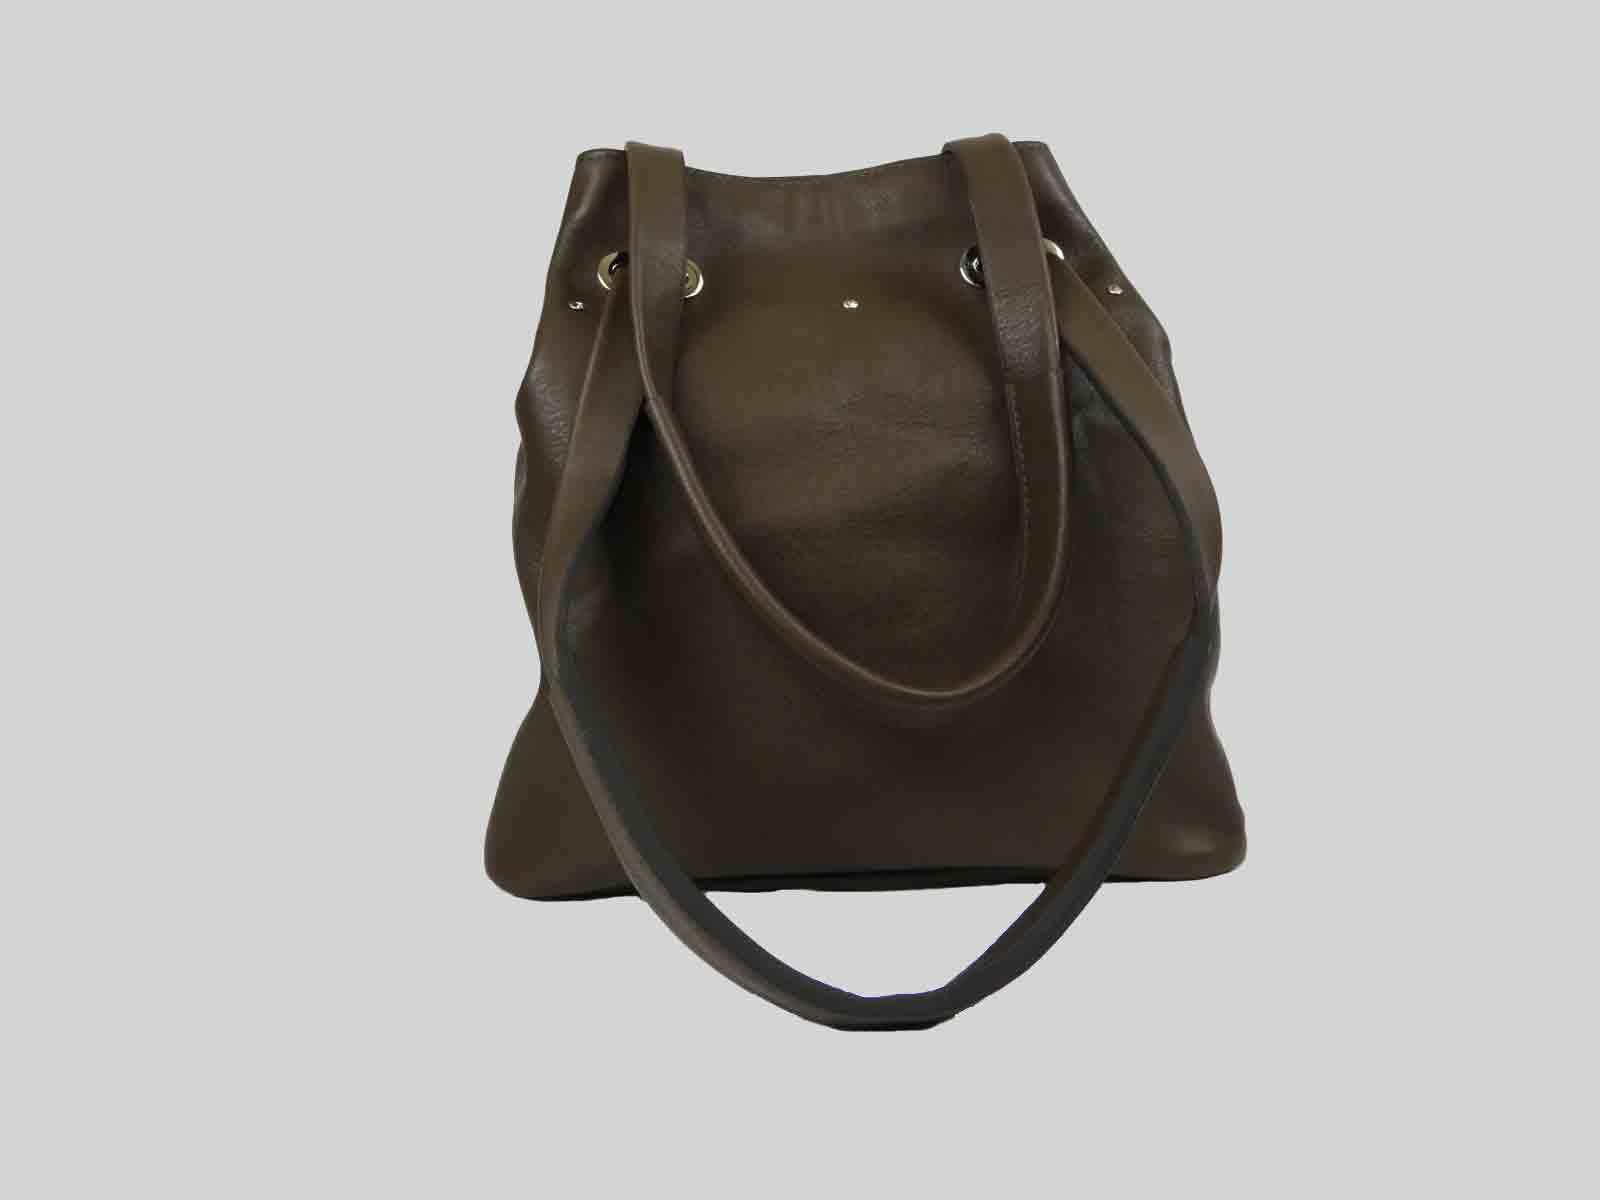 KORO sac porté épaule ou croisé en cuir de veau tabac